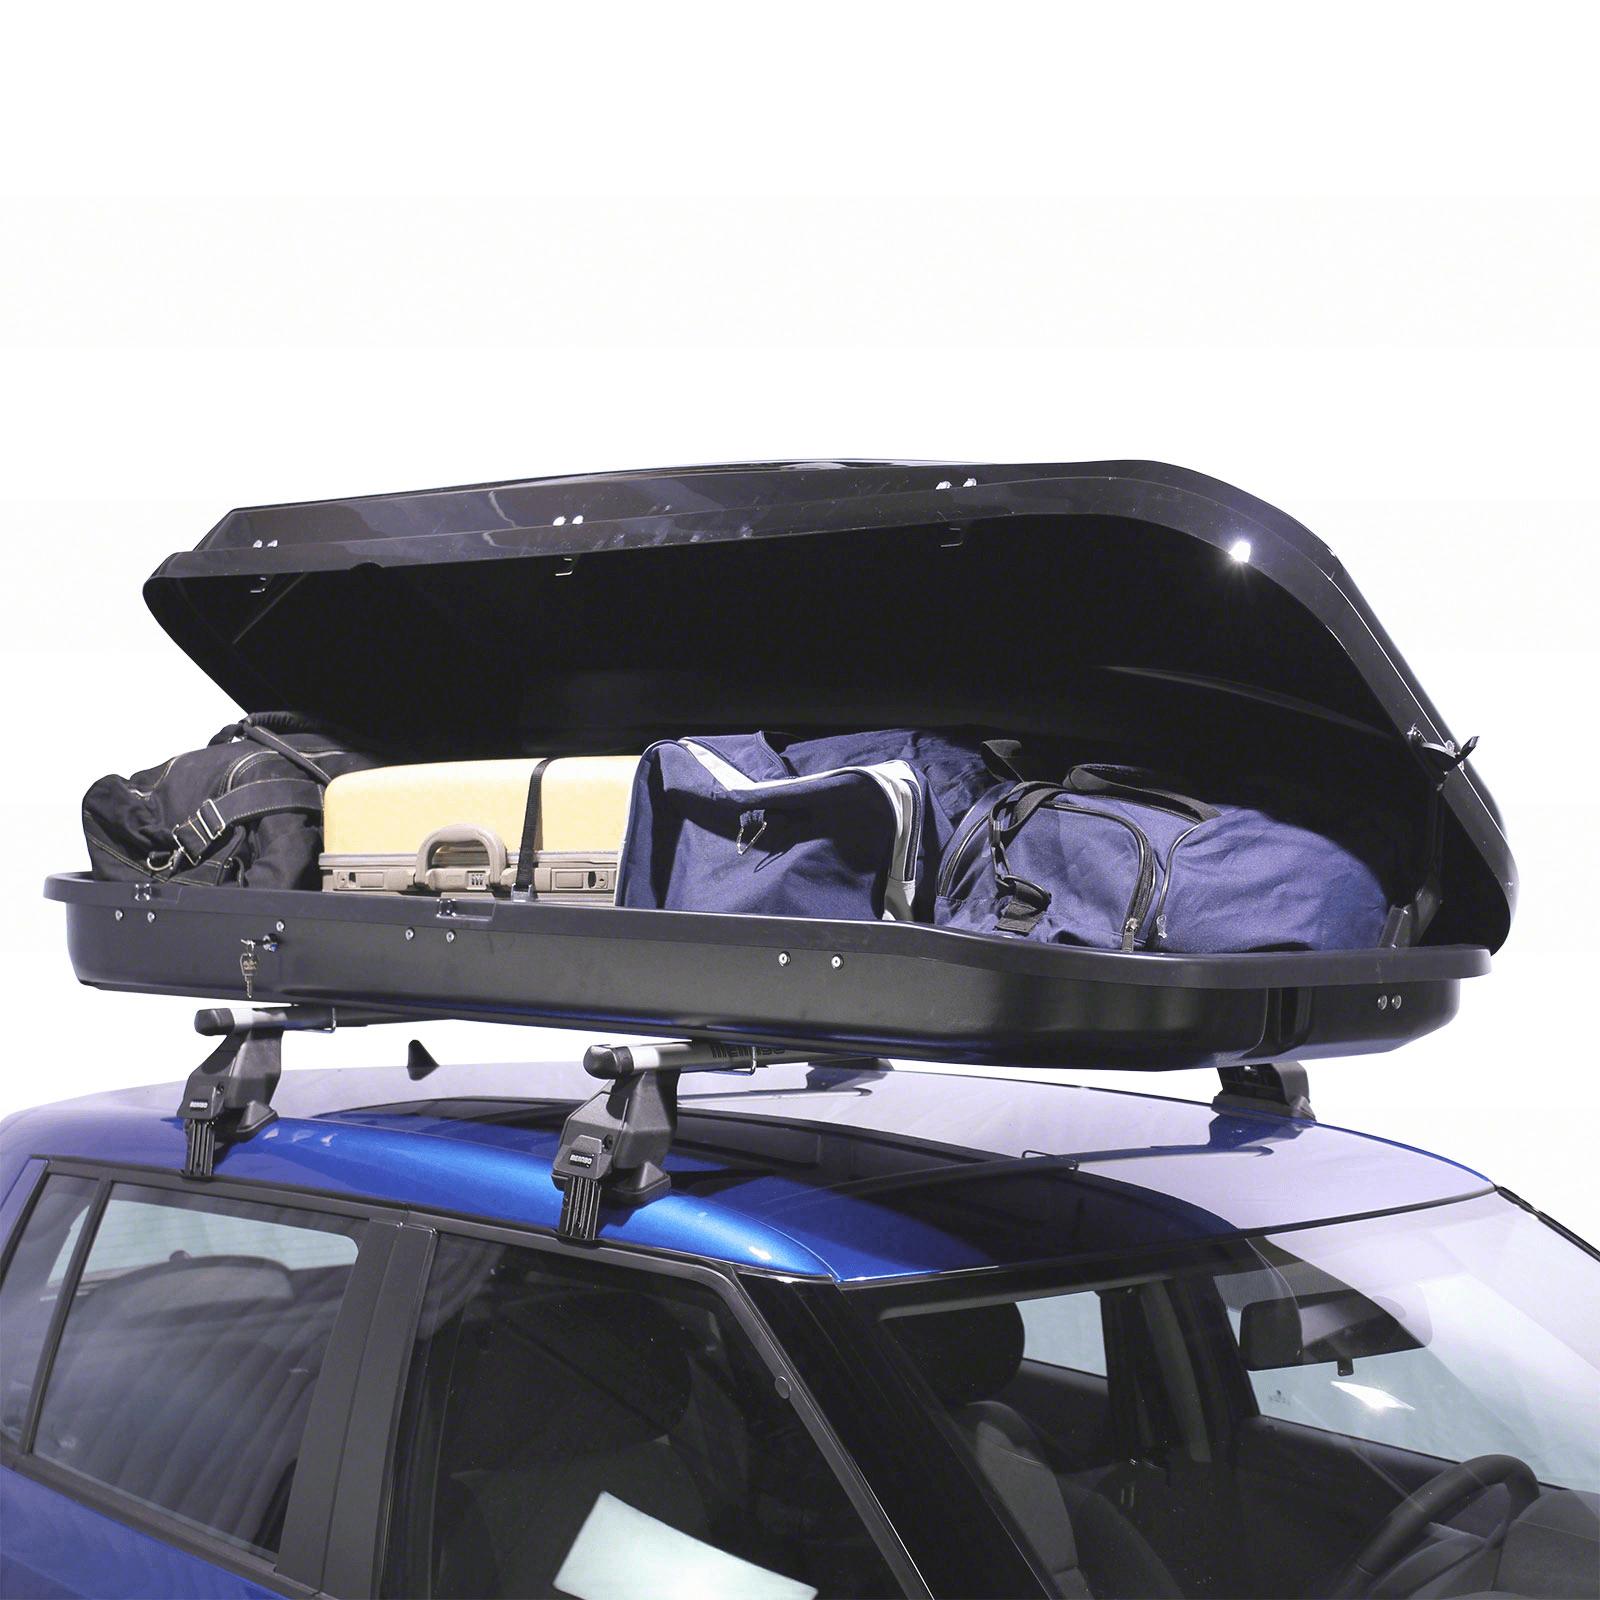 Dachbox Junior PRE 480 schwarz glänzend - Bild 2